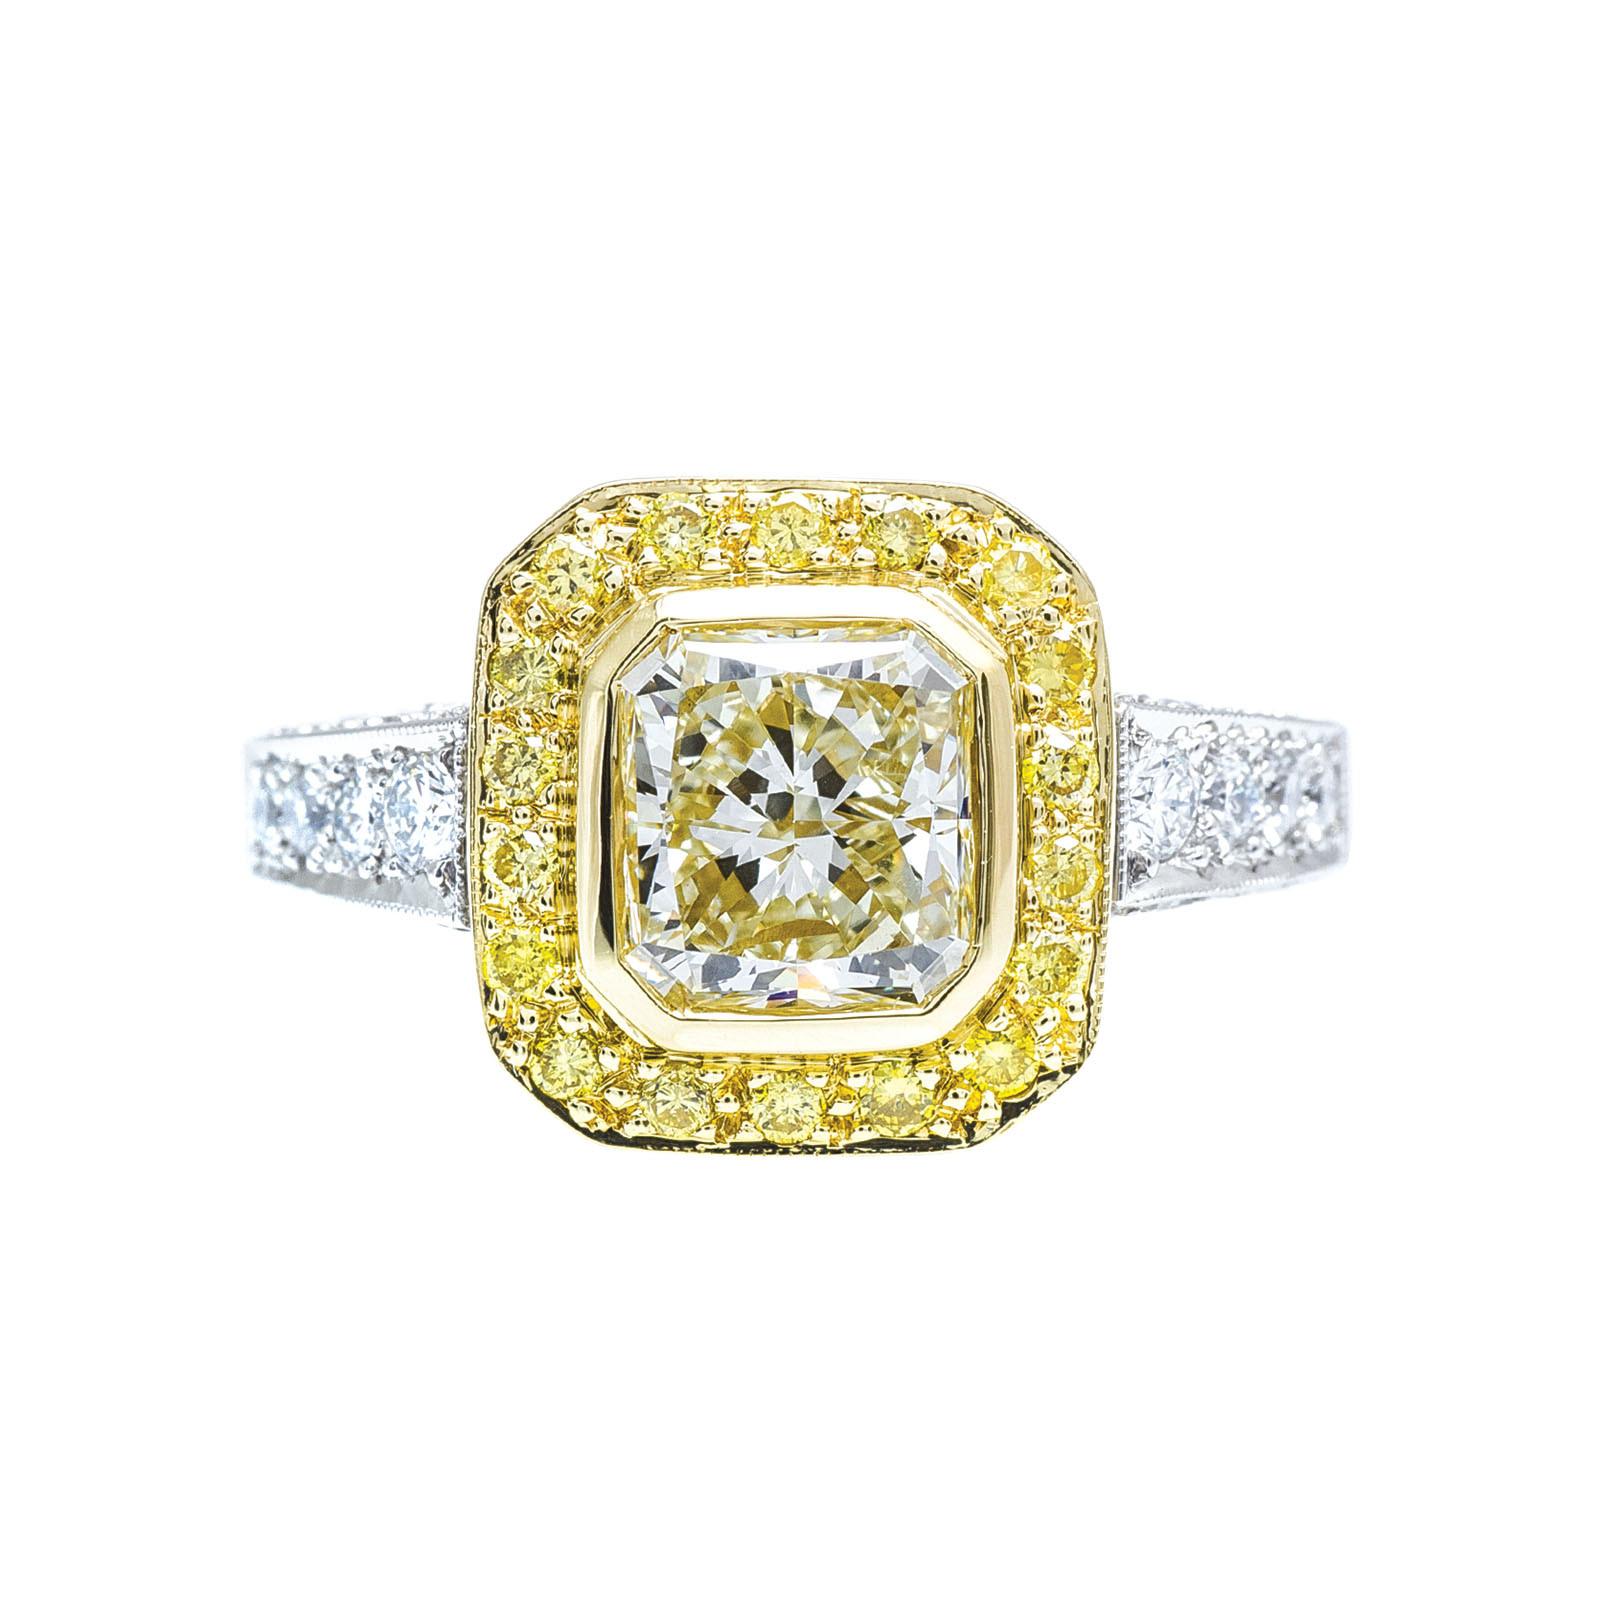 Vintage 2.55 CTW White & Yellow Diamond Ring